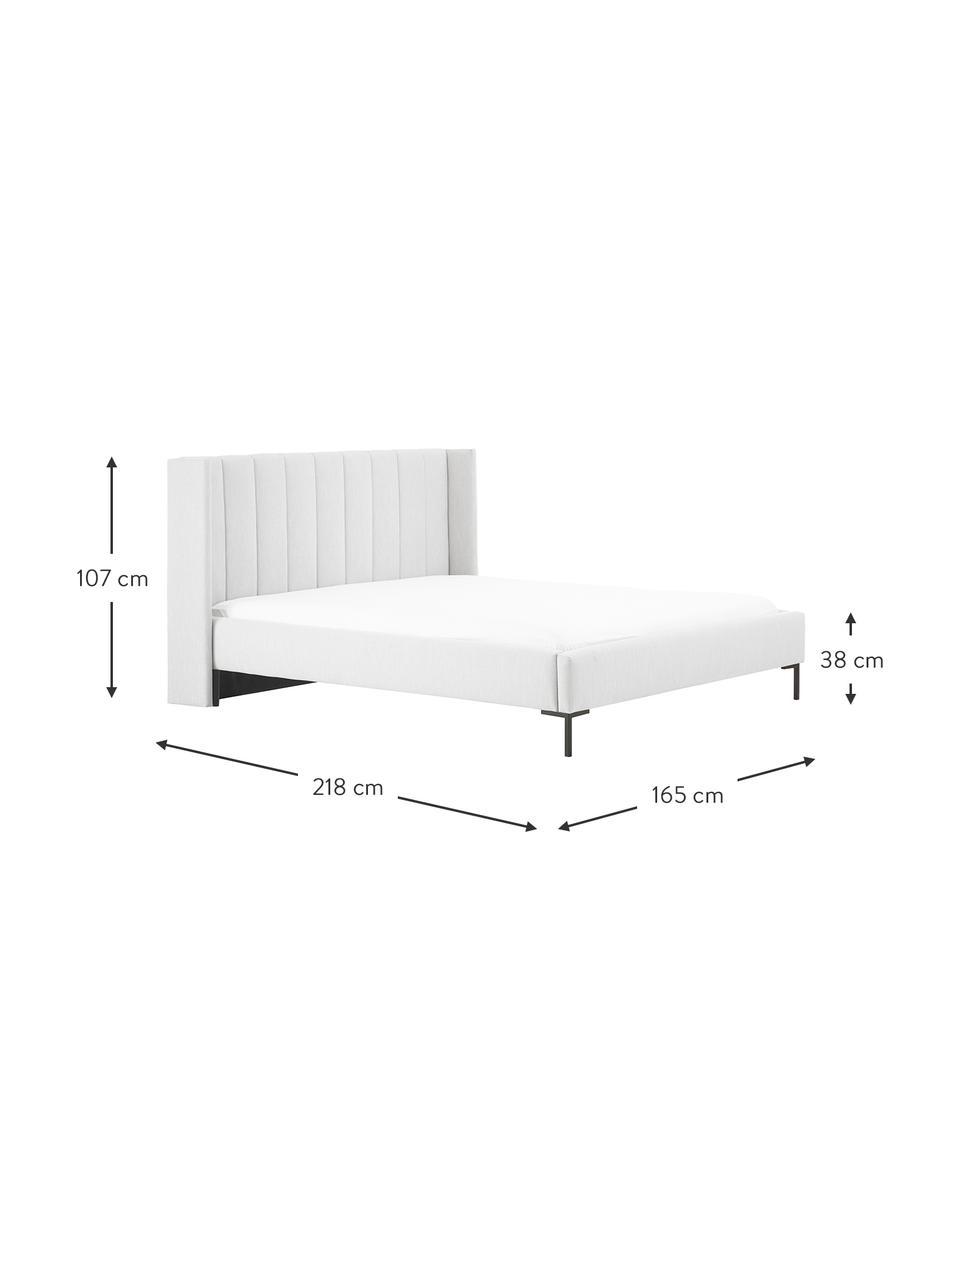 Gestoffeerd bed Dusk in lichtgrijs, Frame: massief grenenhout en pla, Bekleding: fijn gestructureerde gewe, Poten: gepoedercoat metaal, Lichtgrijs, 200 x 200 cm